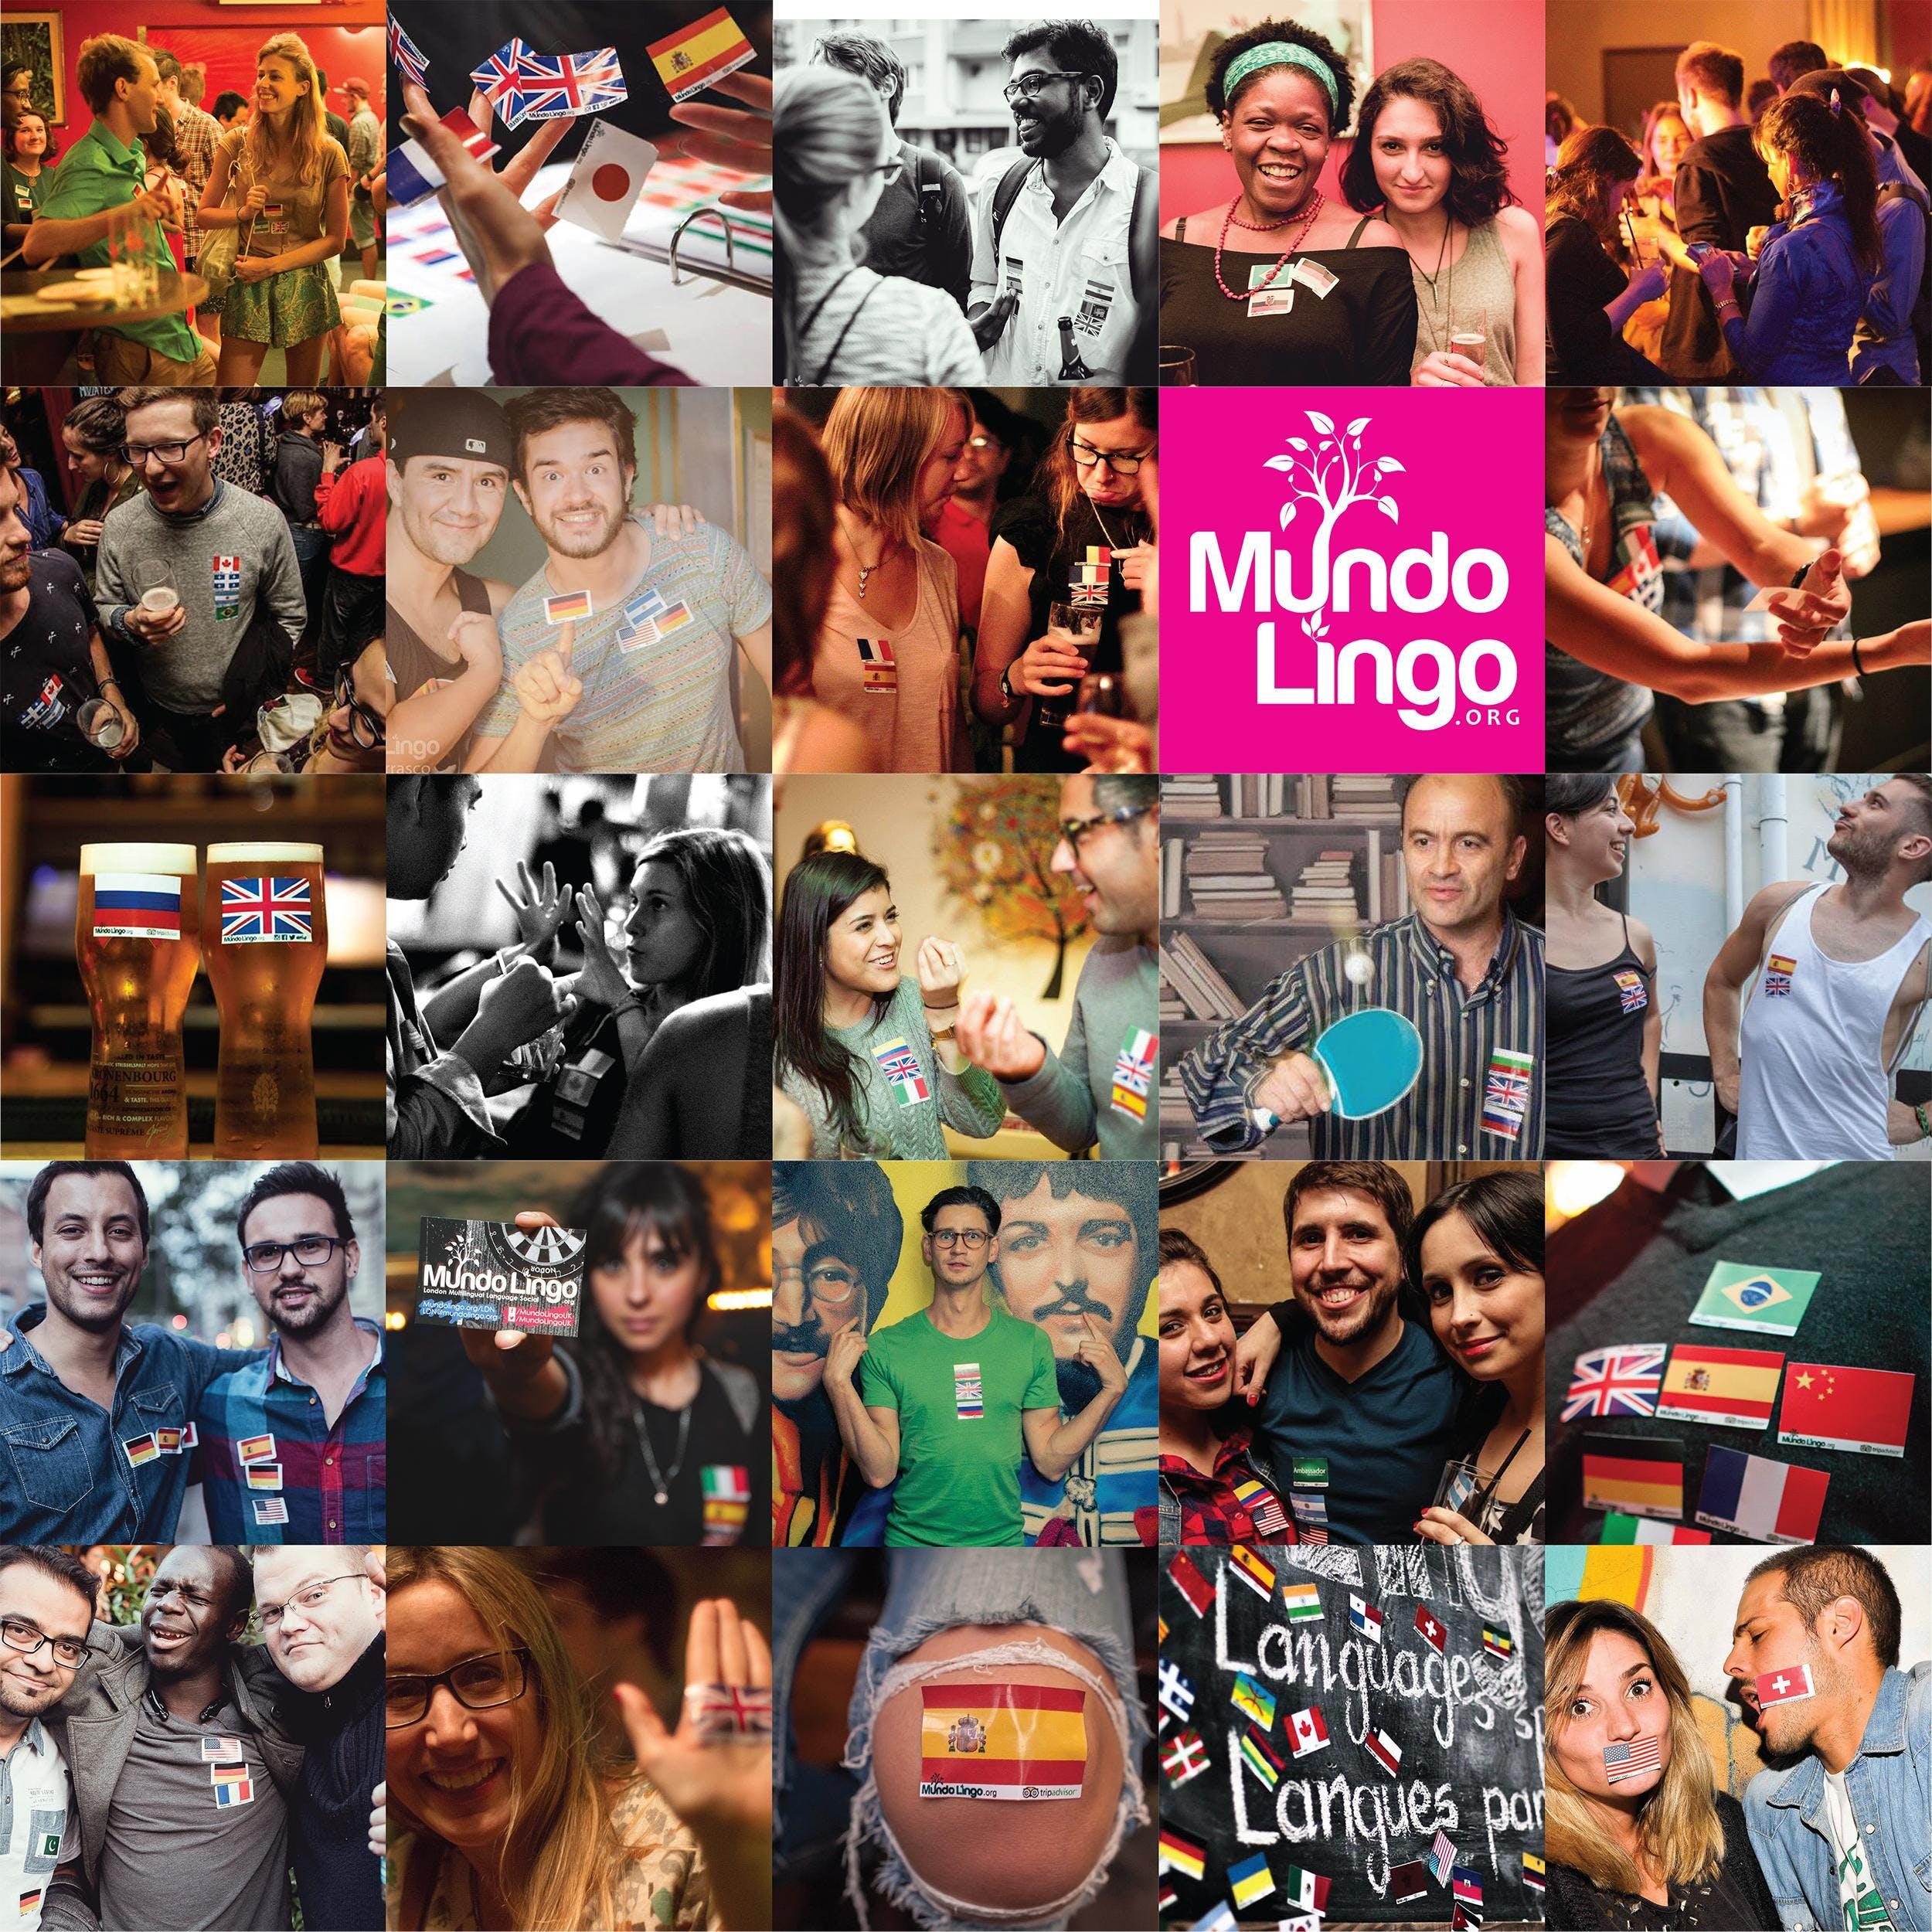 Mundo Lingo Copenhagen